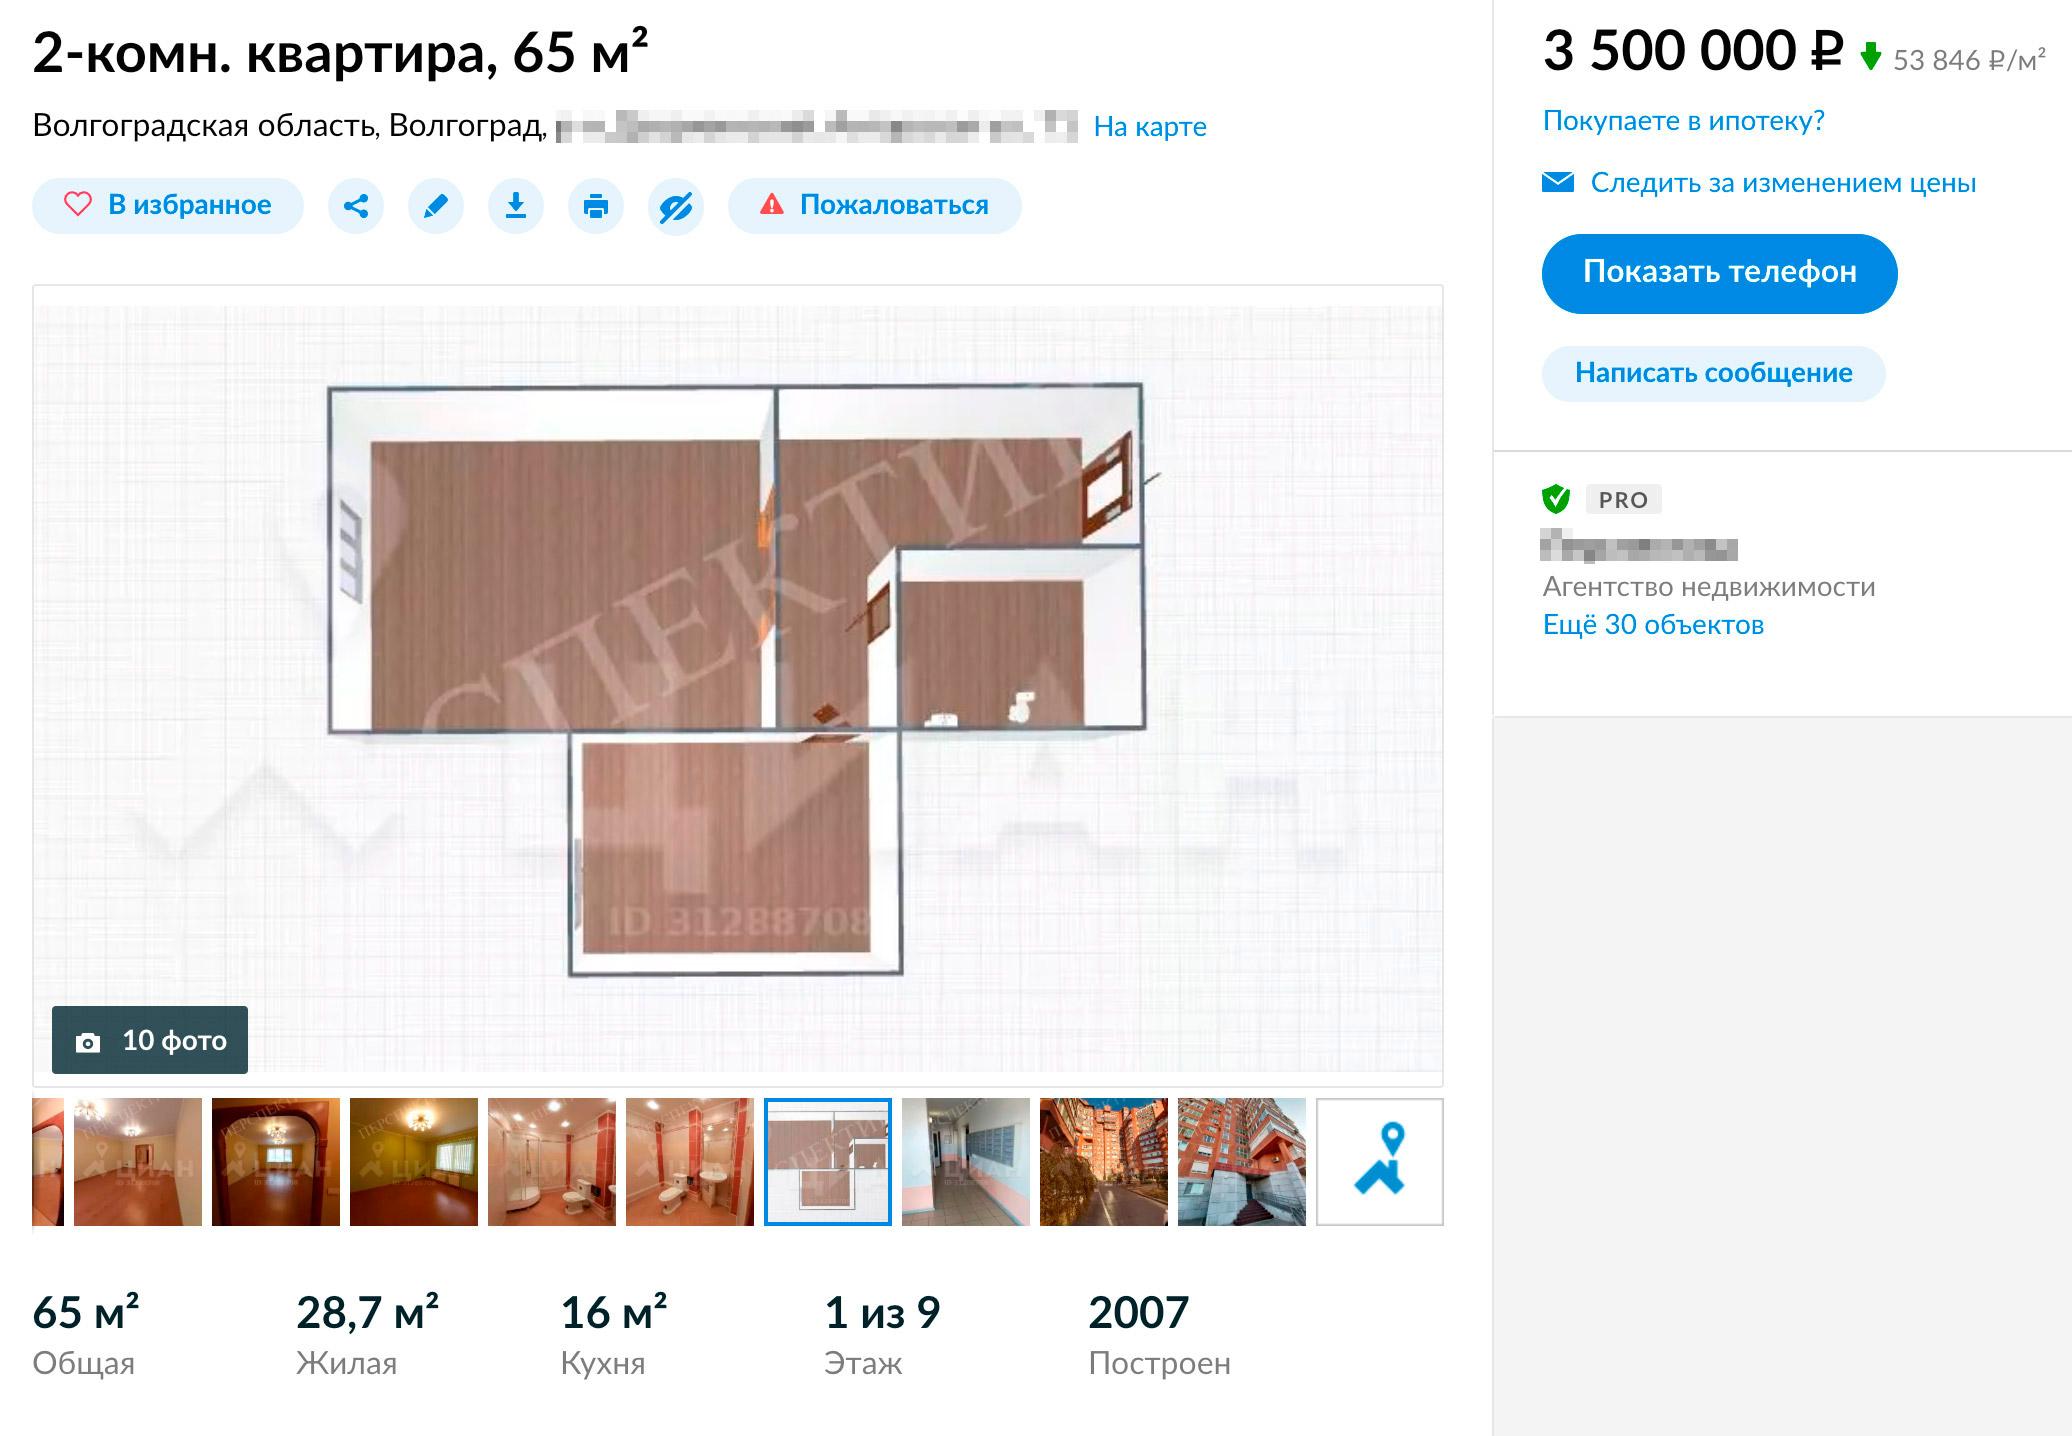 Это однокомнатная квартира моего брата — это видно даже на схеме. Но во всех объявлениях указано, что она двухкомнатная. А еще в объявлениях на разных площадках указана разная площадь. Все объявления составлял риелтор